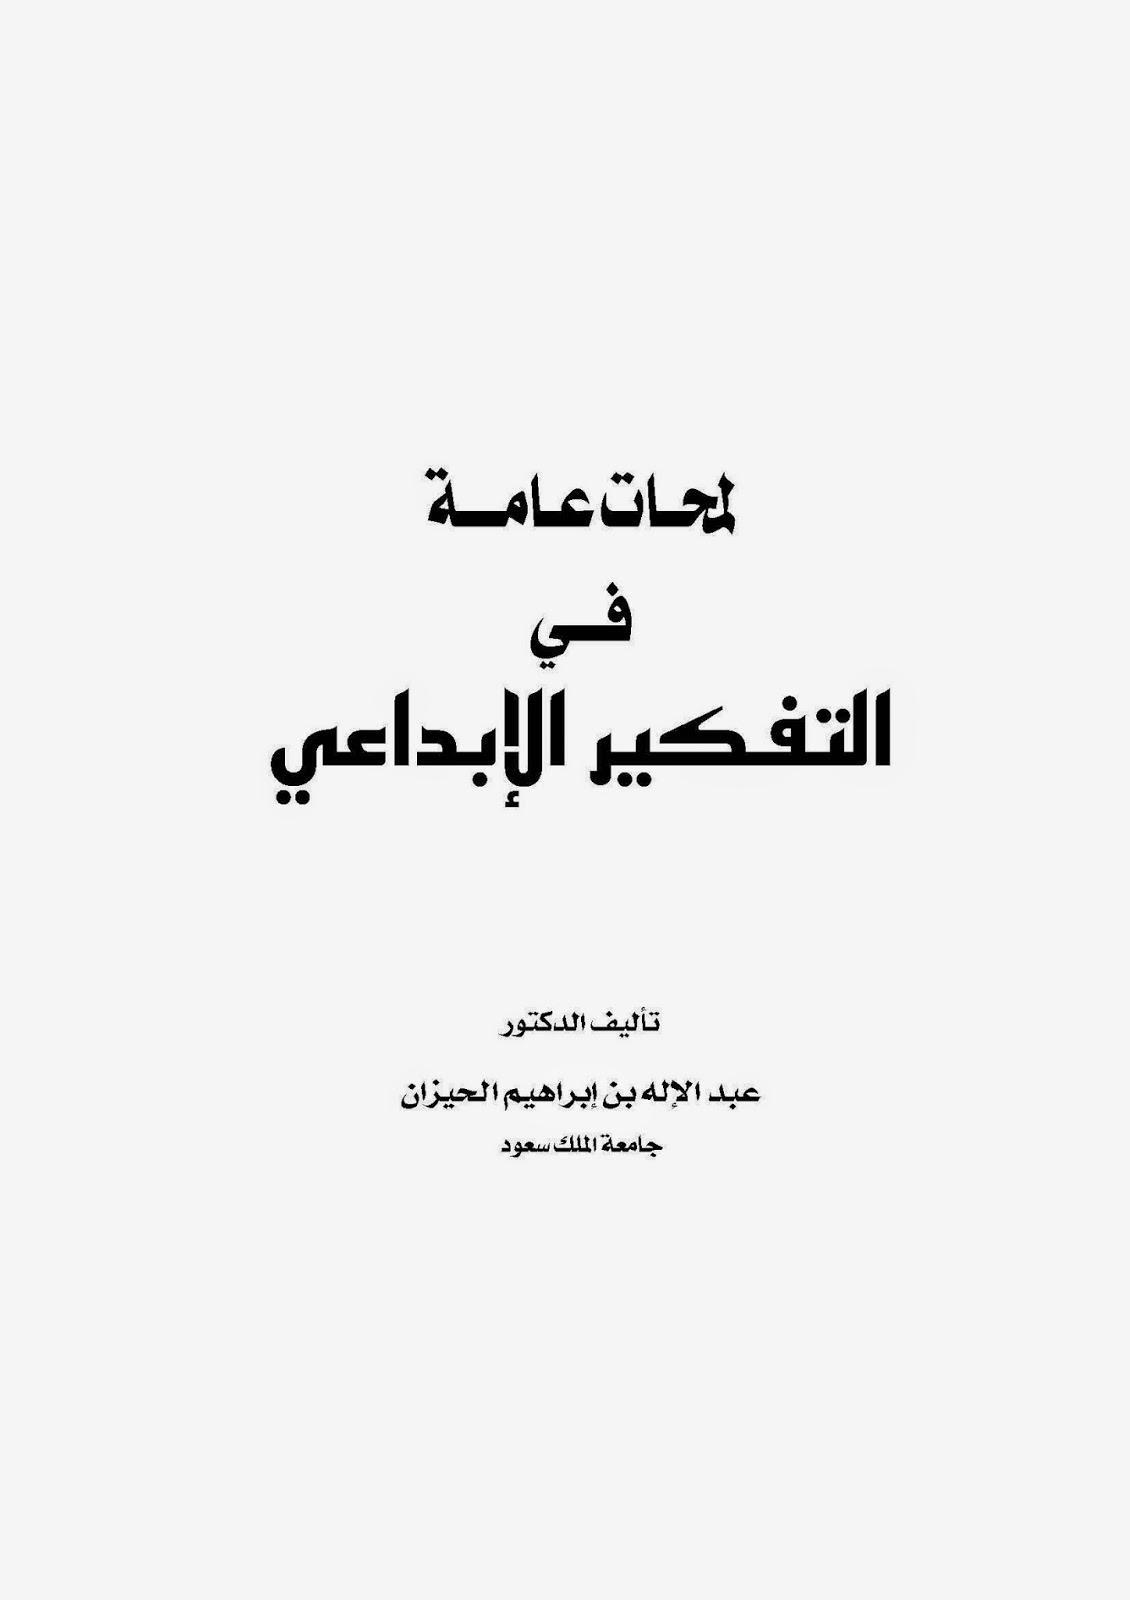 كتاب لمحات في التفكير الإبداعي لـ عبد الإله بن إبراهيم الحيزان